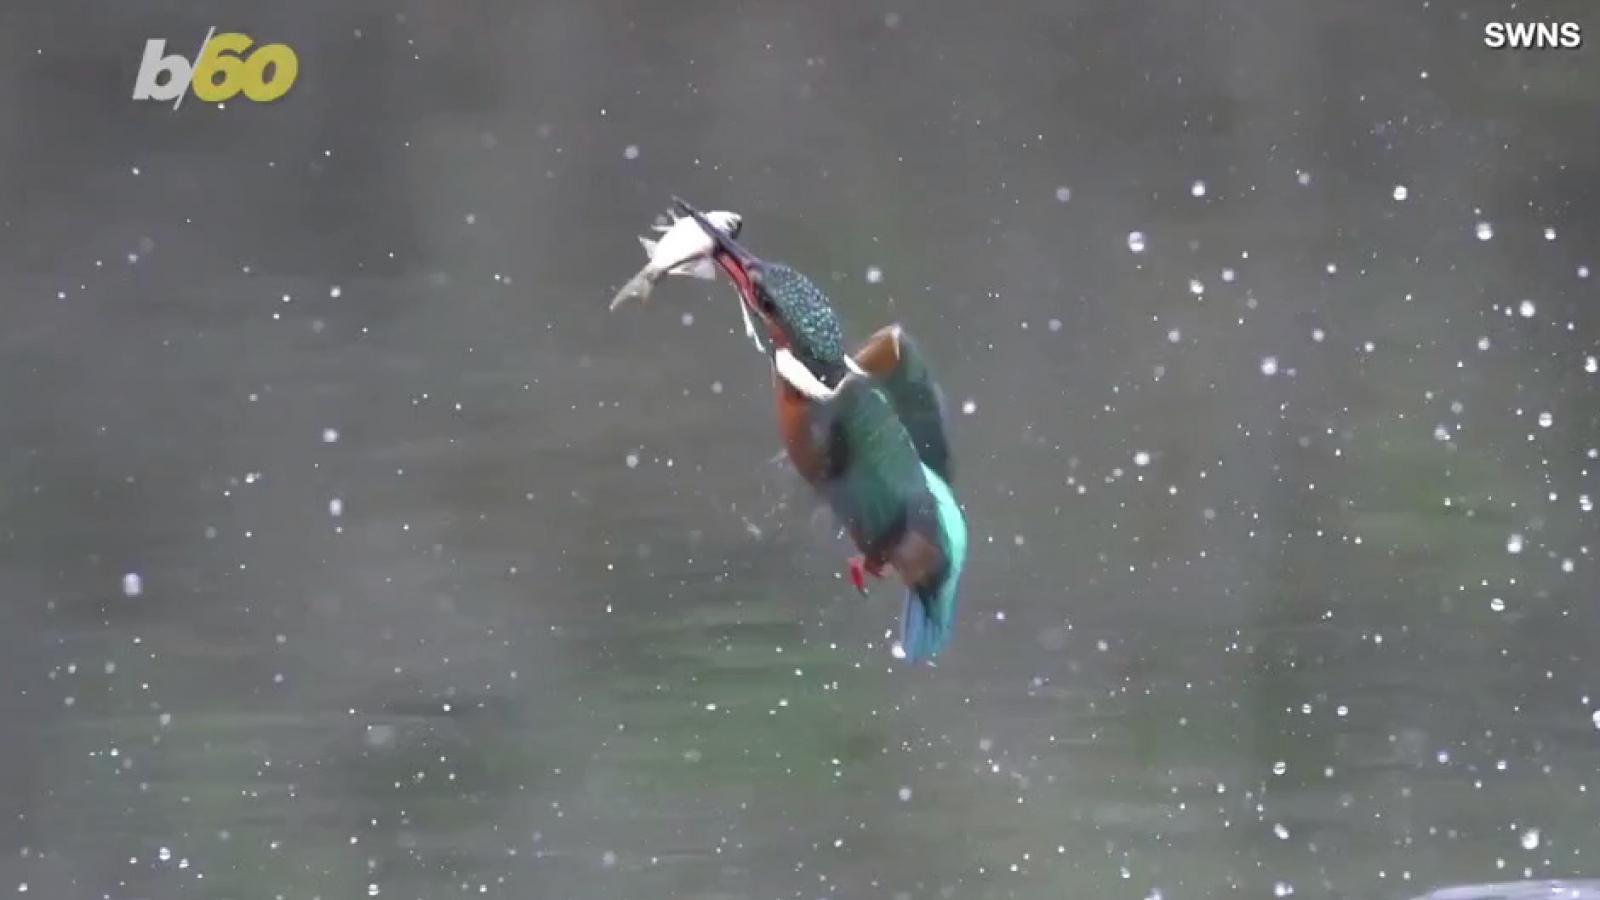 Khoảnh khắc chim bói cá săn mồi dưới nước